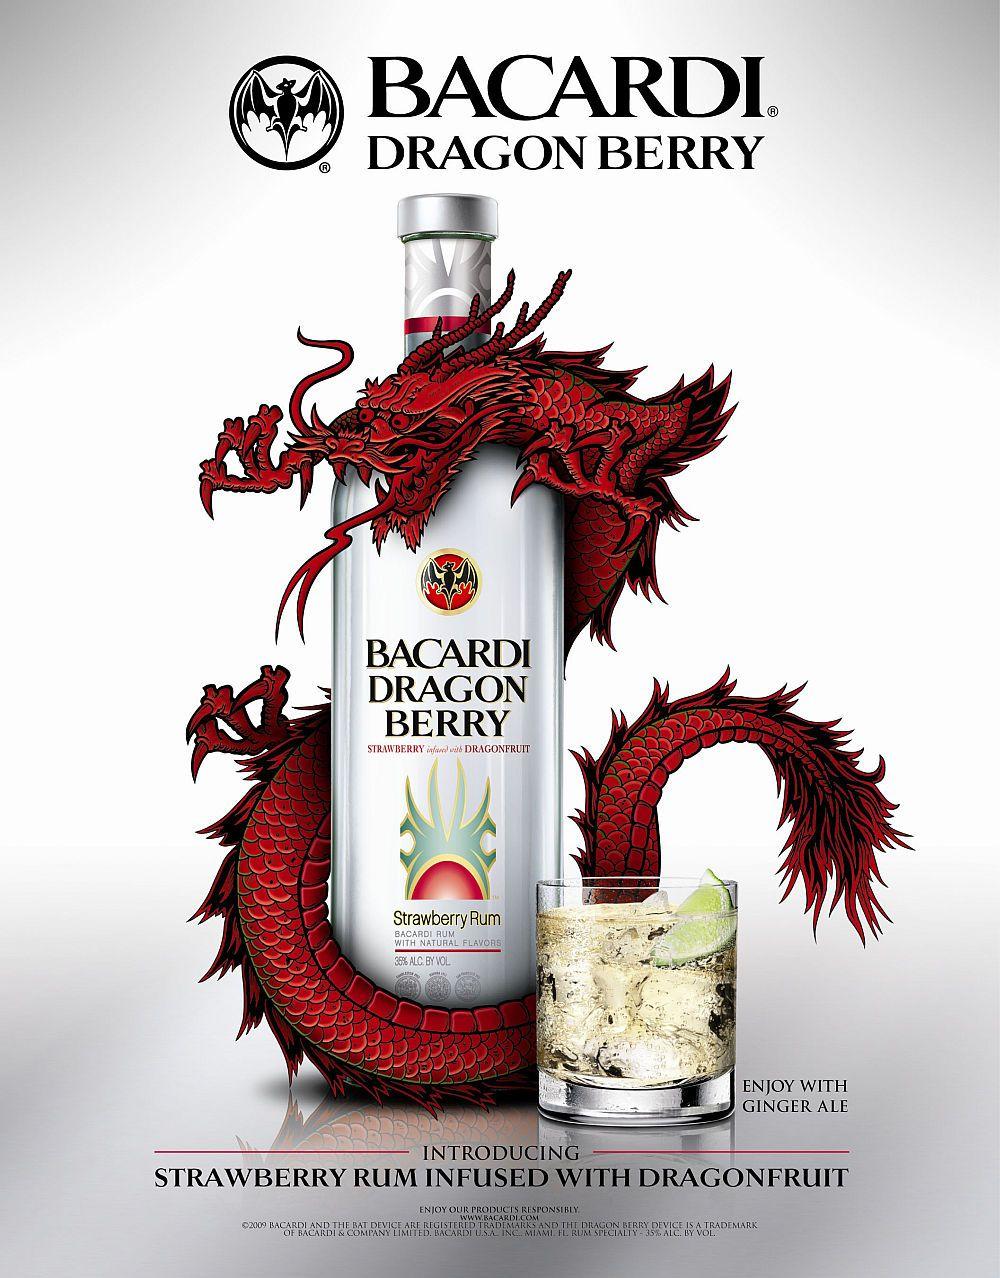 bacardi flavors alcohol content